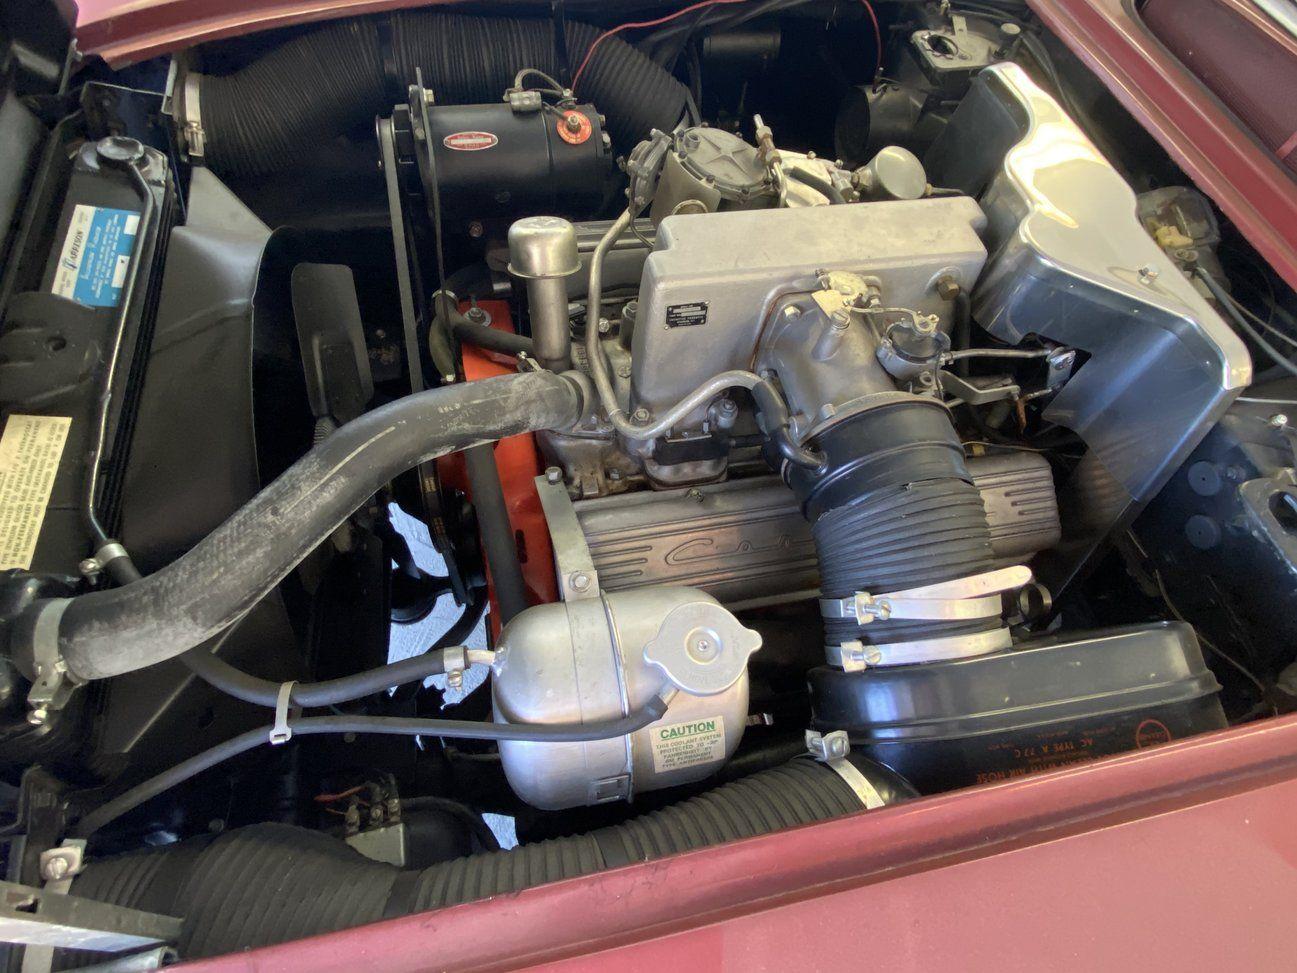 engine2_1e29df88a6e7014c8f56cba9df347779e6208d9c.jpg